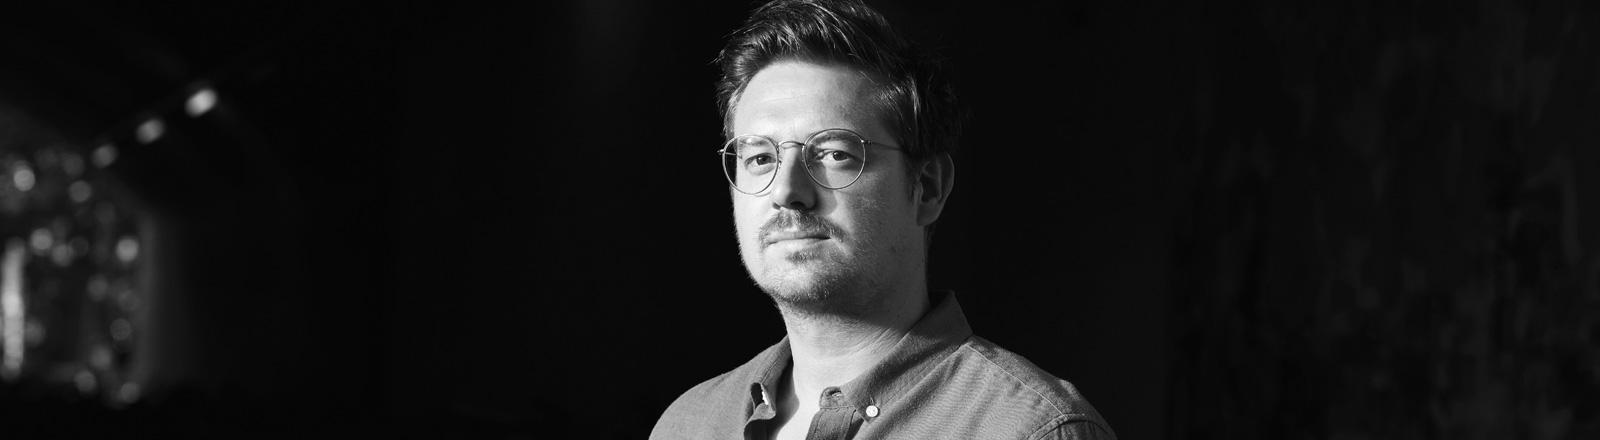 Volker Wittkamp